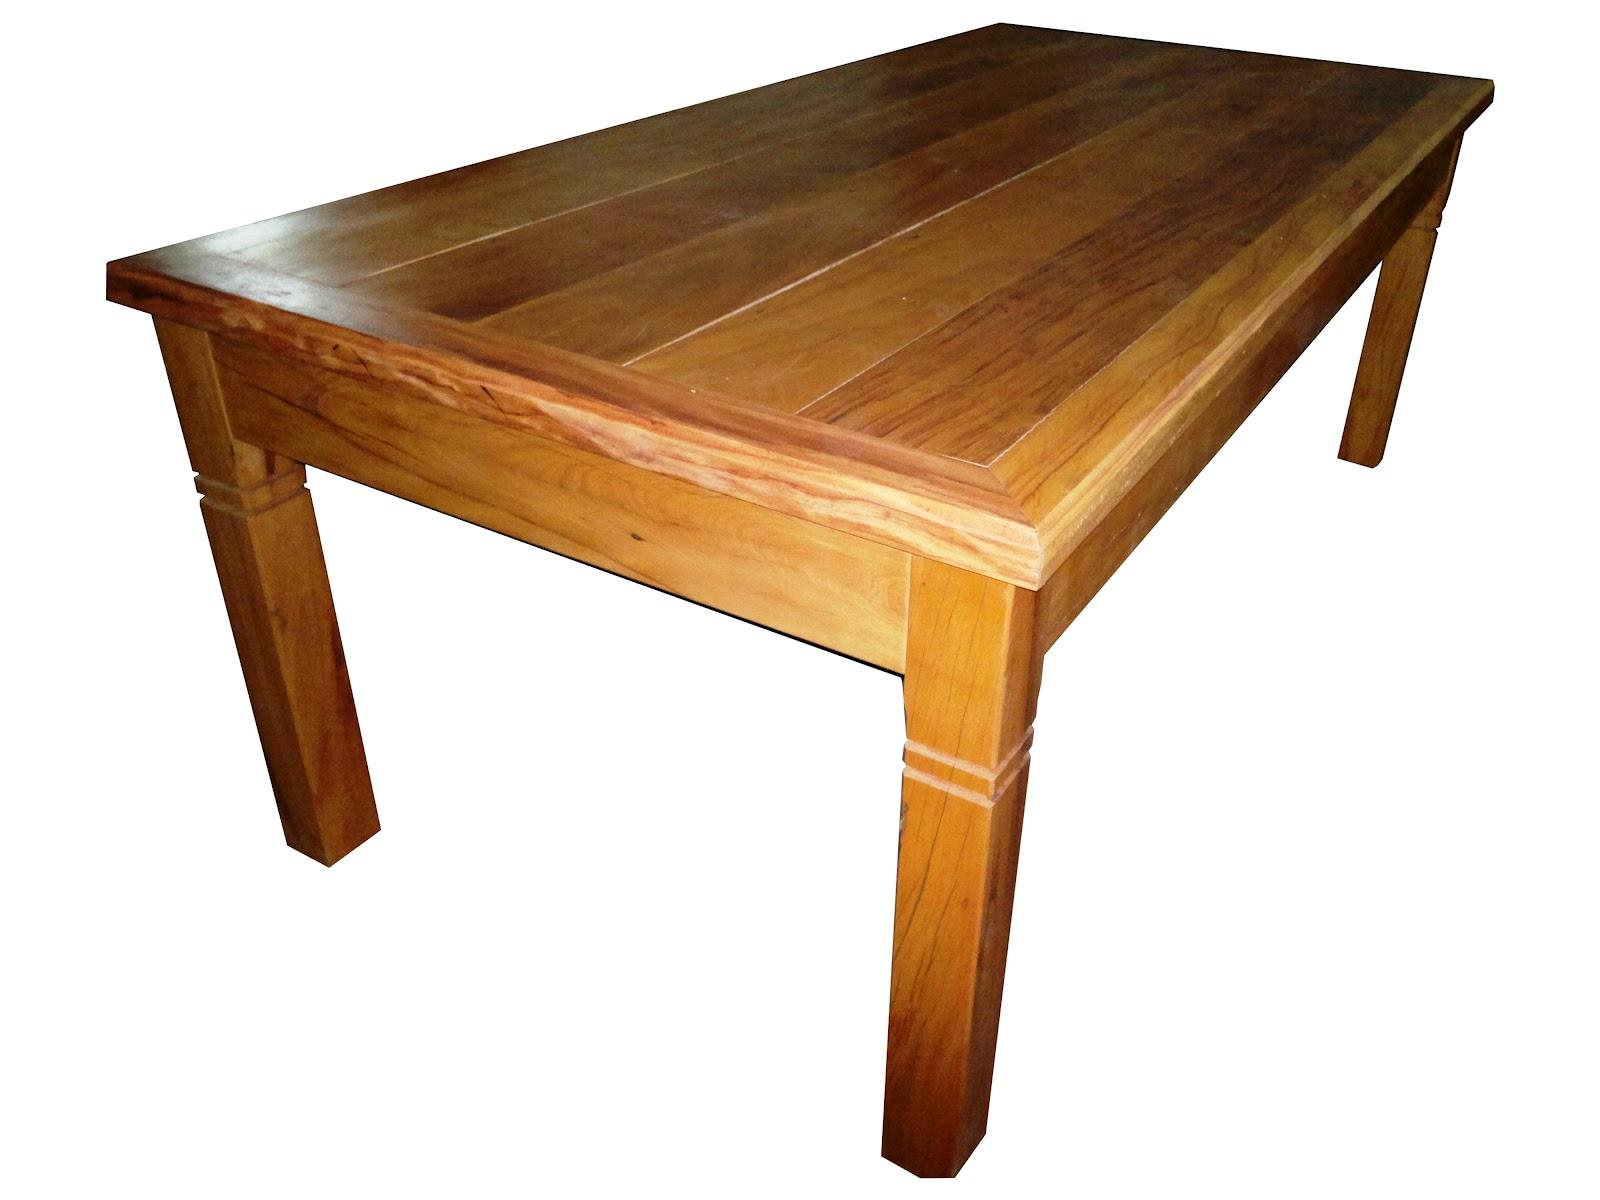 Fábrica de Móveis São Carlos: Móveis em madeira de Demolição #B97812 1600x1200